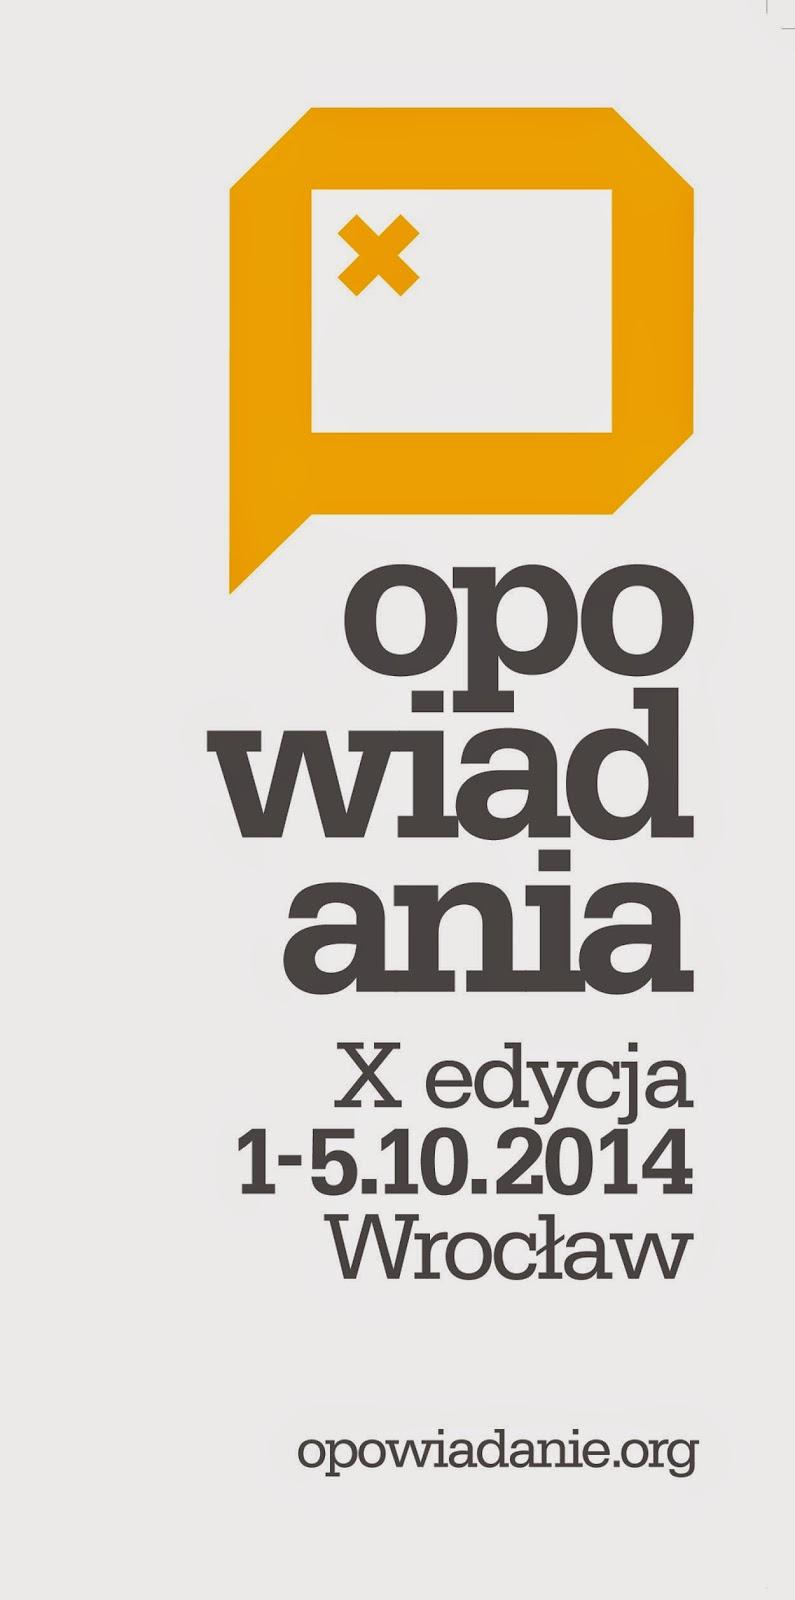 http://kacikzksiazkami.blogspot.com/2014/09/10miedzynarodowy-festiwal-opowiadania.html